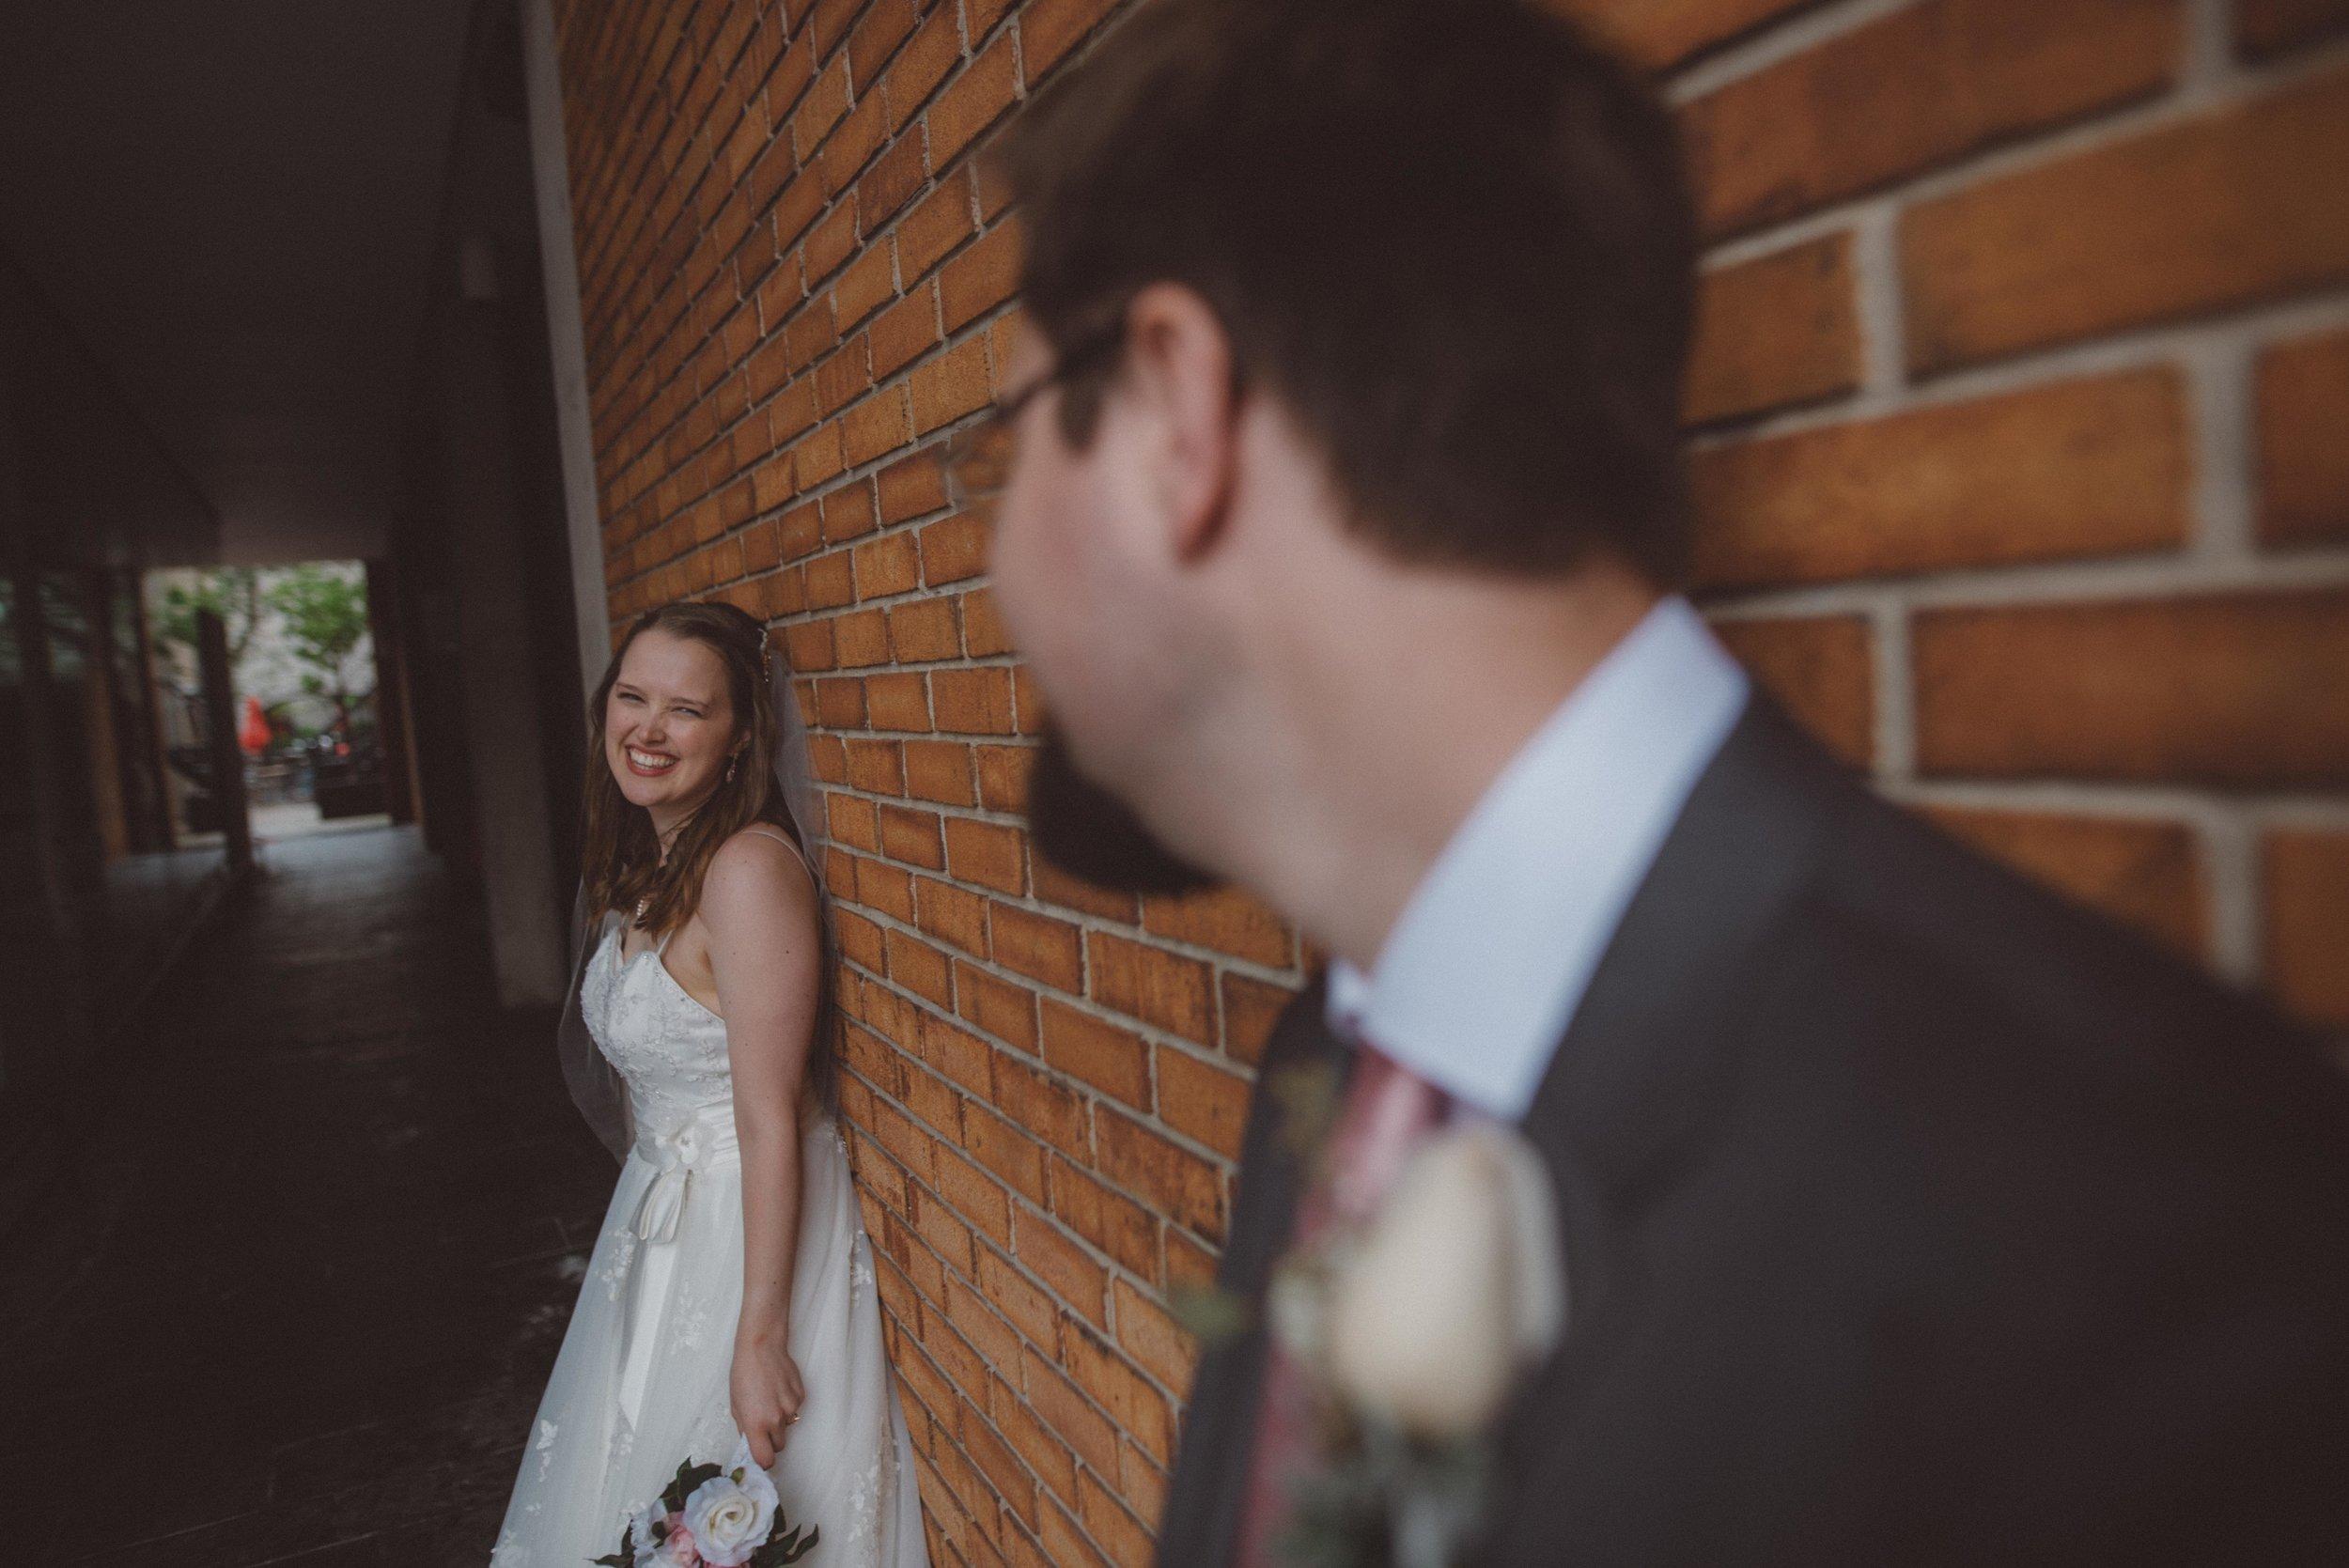 wedding_photographer_lifestyle_documentary_photographe_ottawa_gatineau-13.jpg